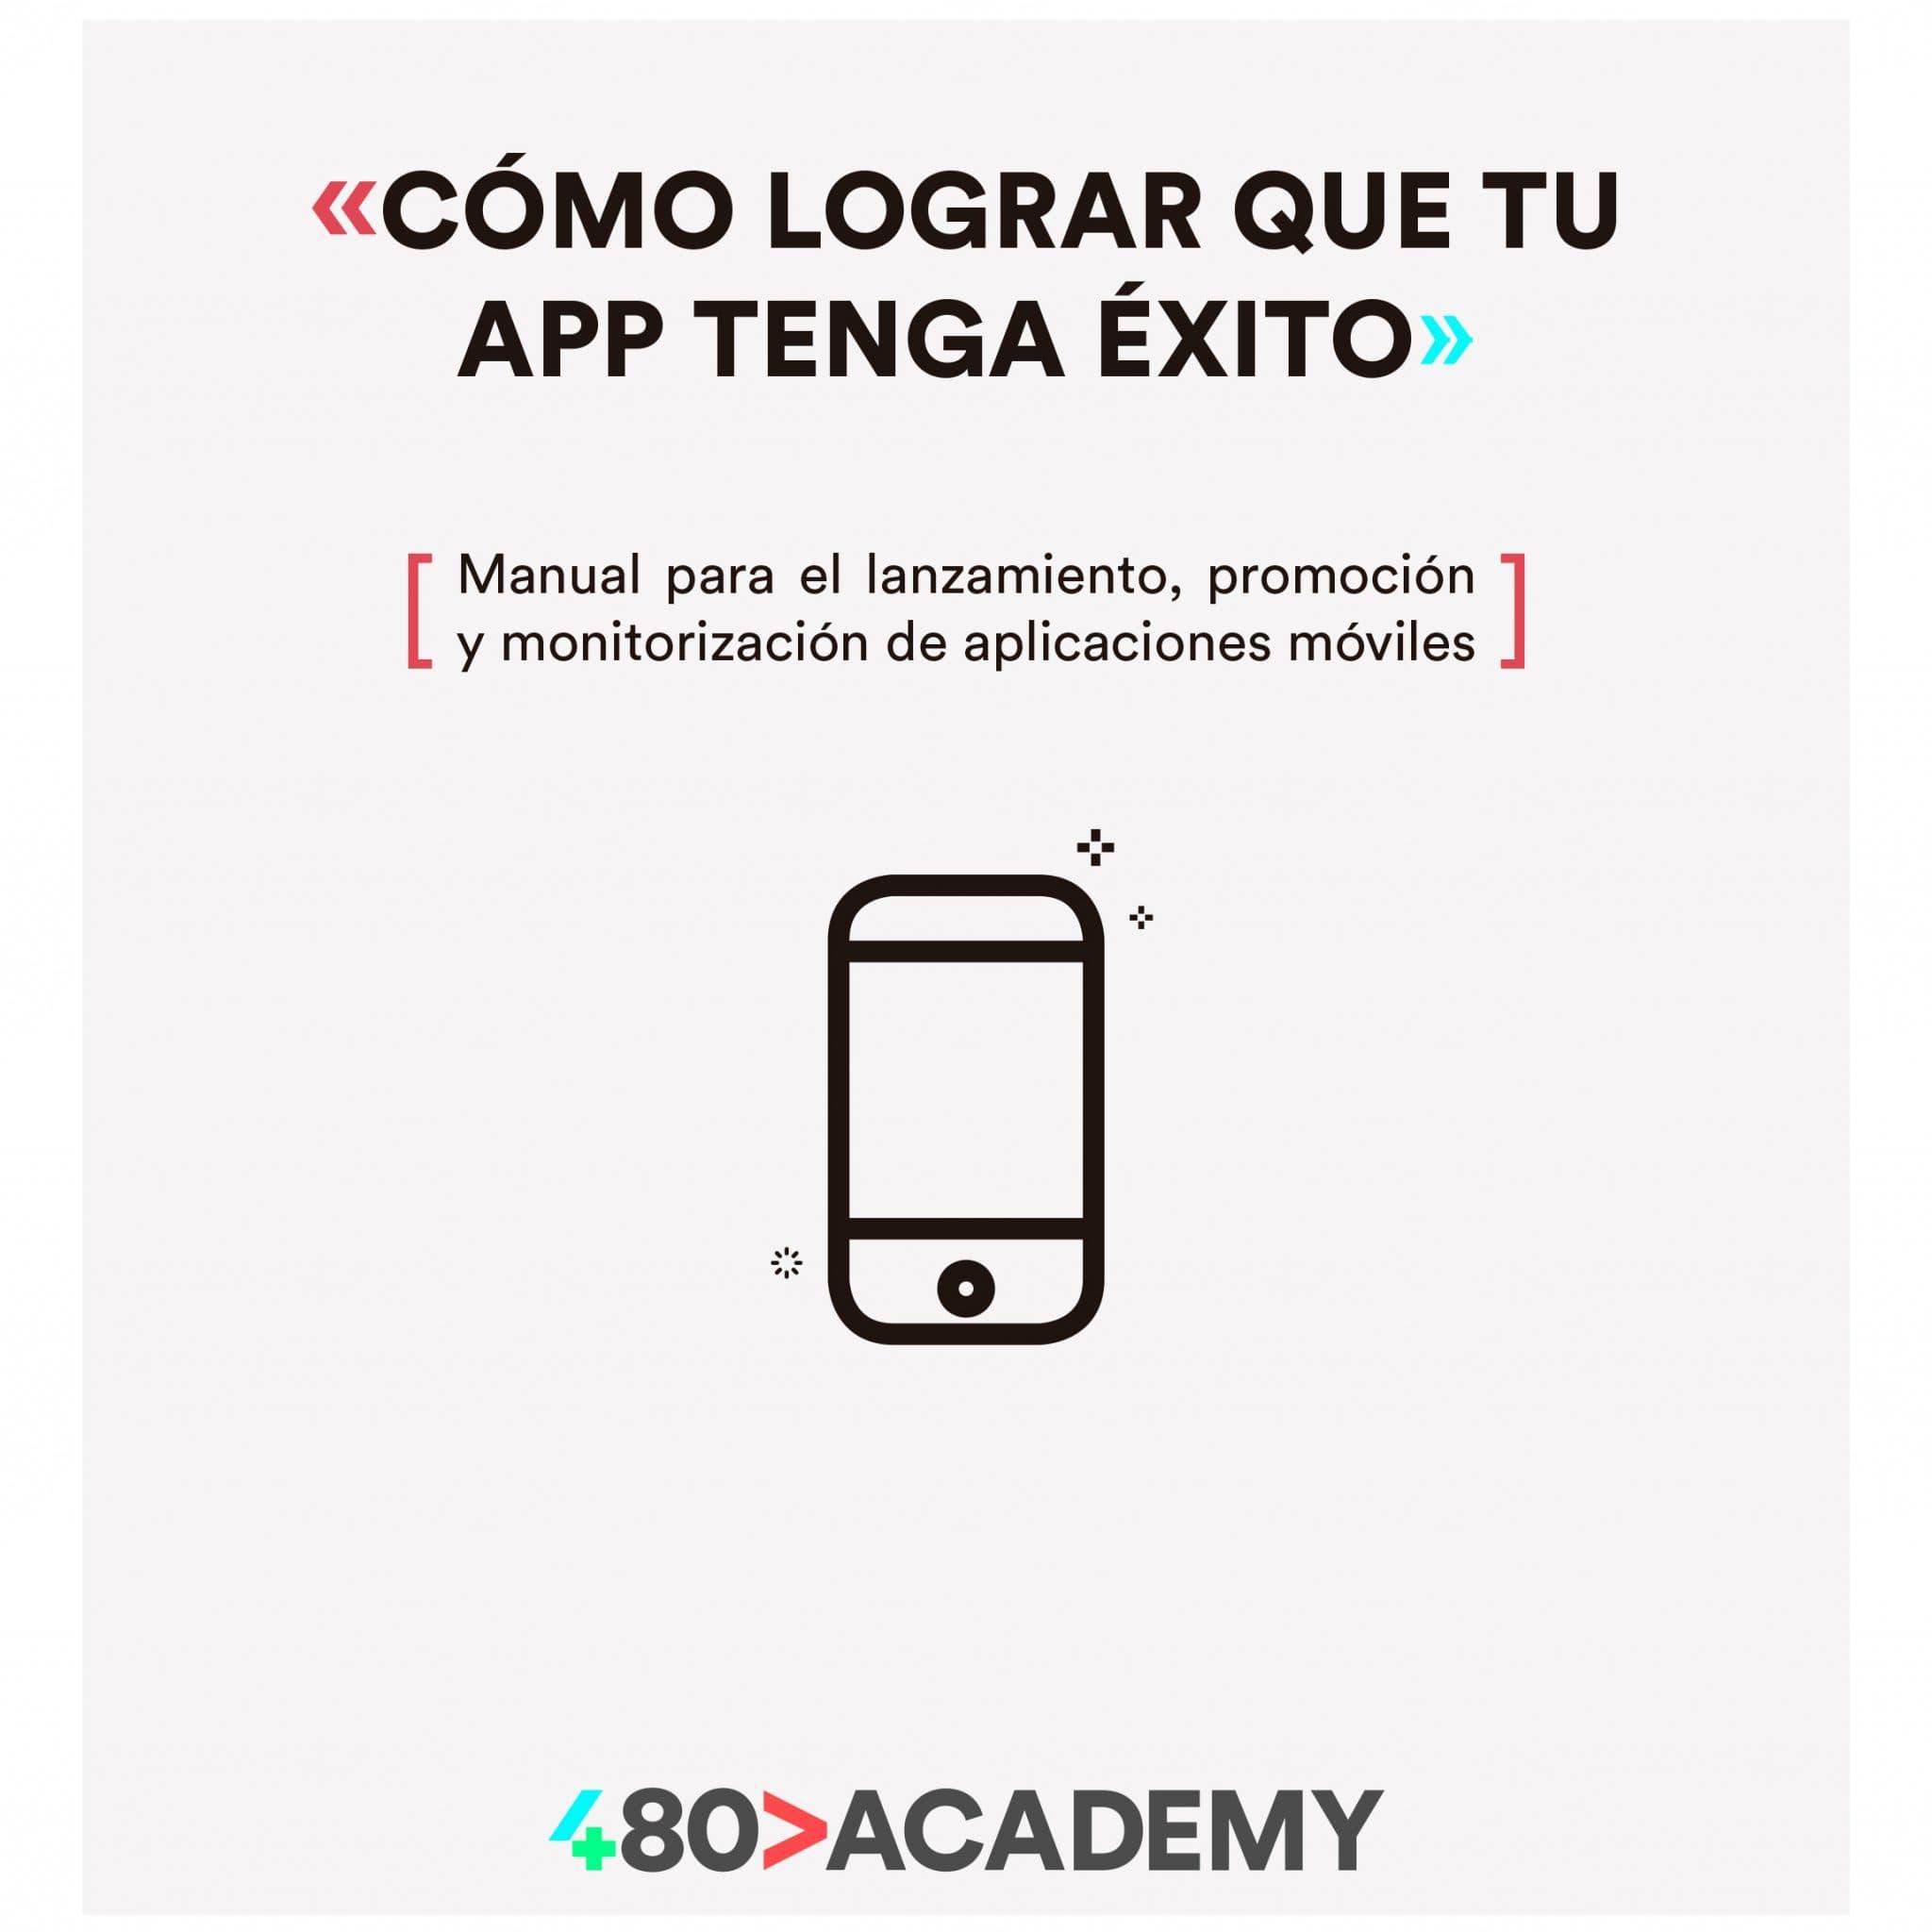 Manual para el lanzamiento de apps y 480>Files